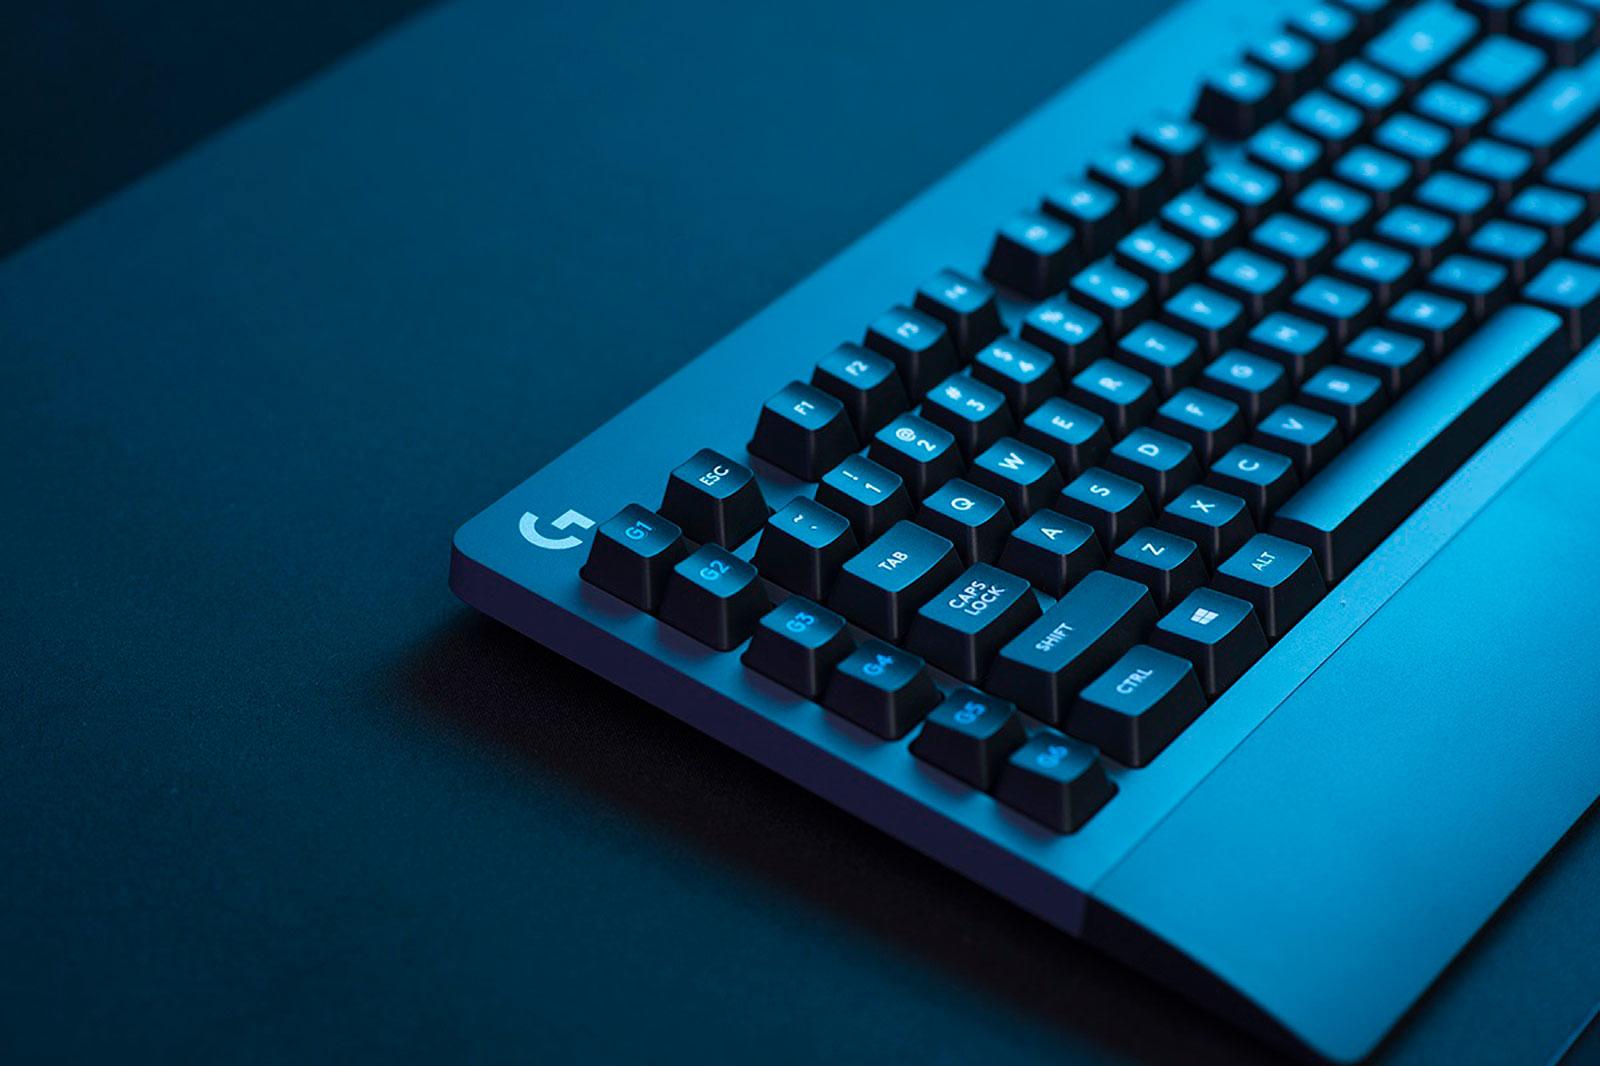 Los nuevos periféricos sin lag de Logitech incluyen un teclado mecánico